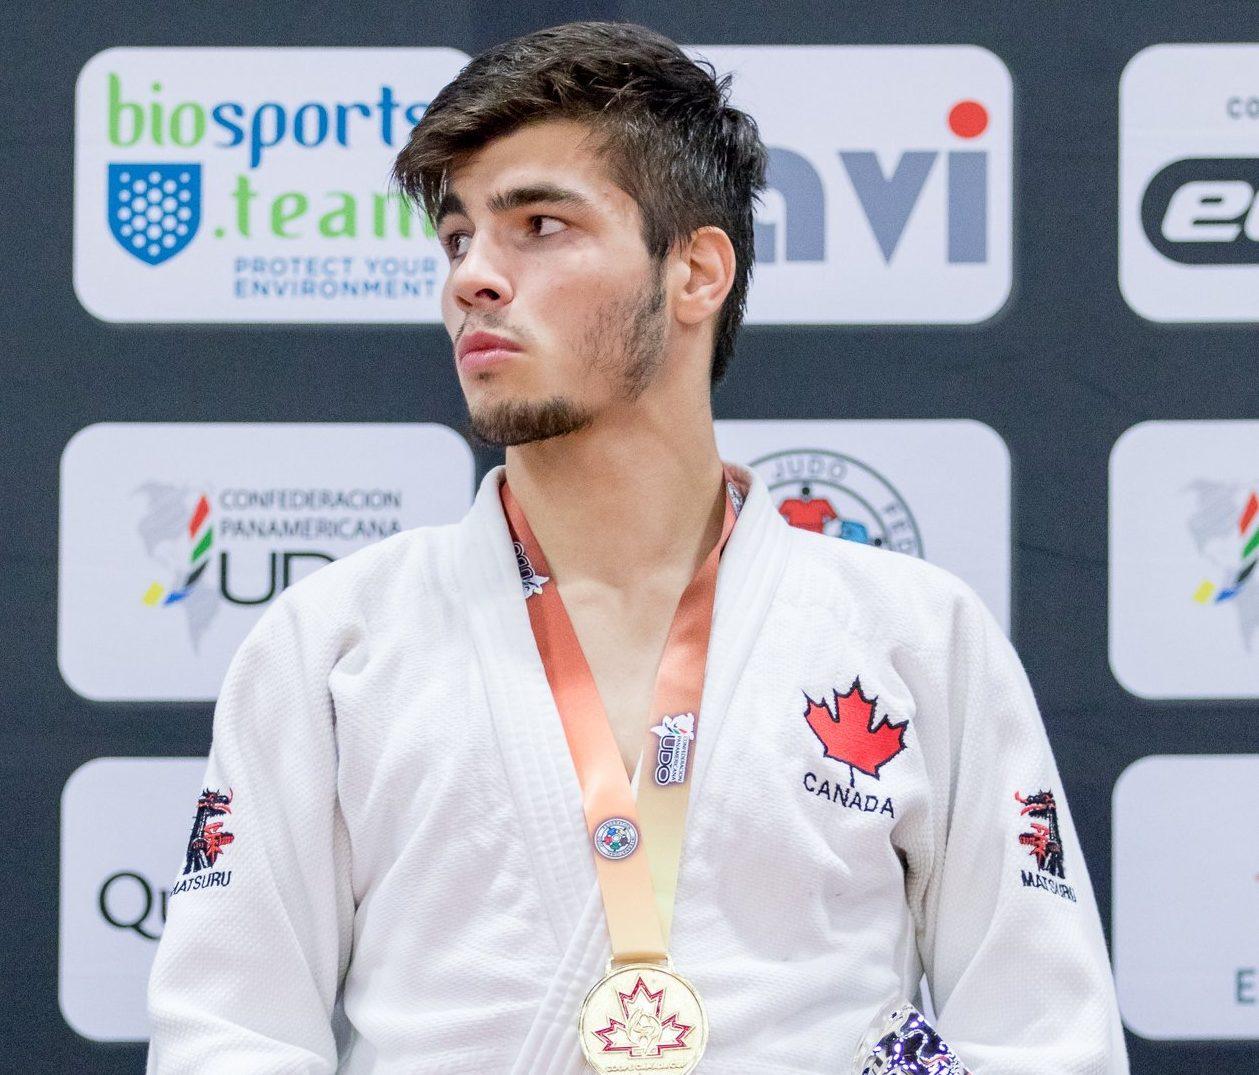 Deux fois l'or pour Jacob Valois à la Coupe Canada de judo